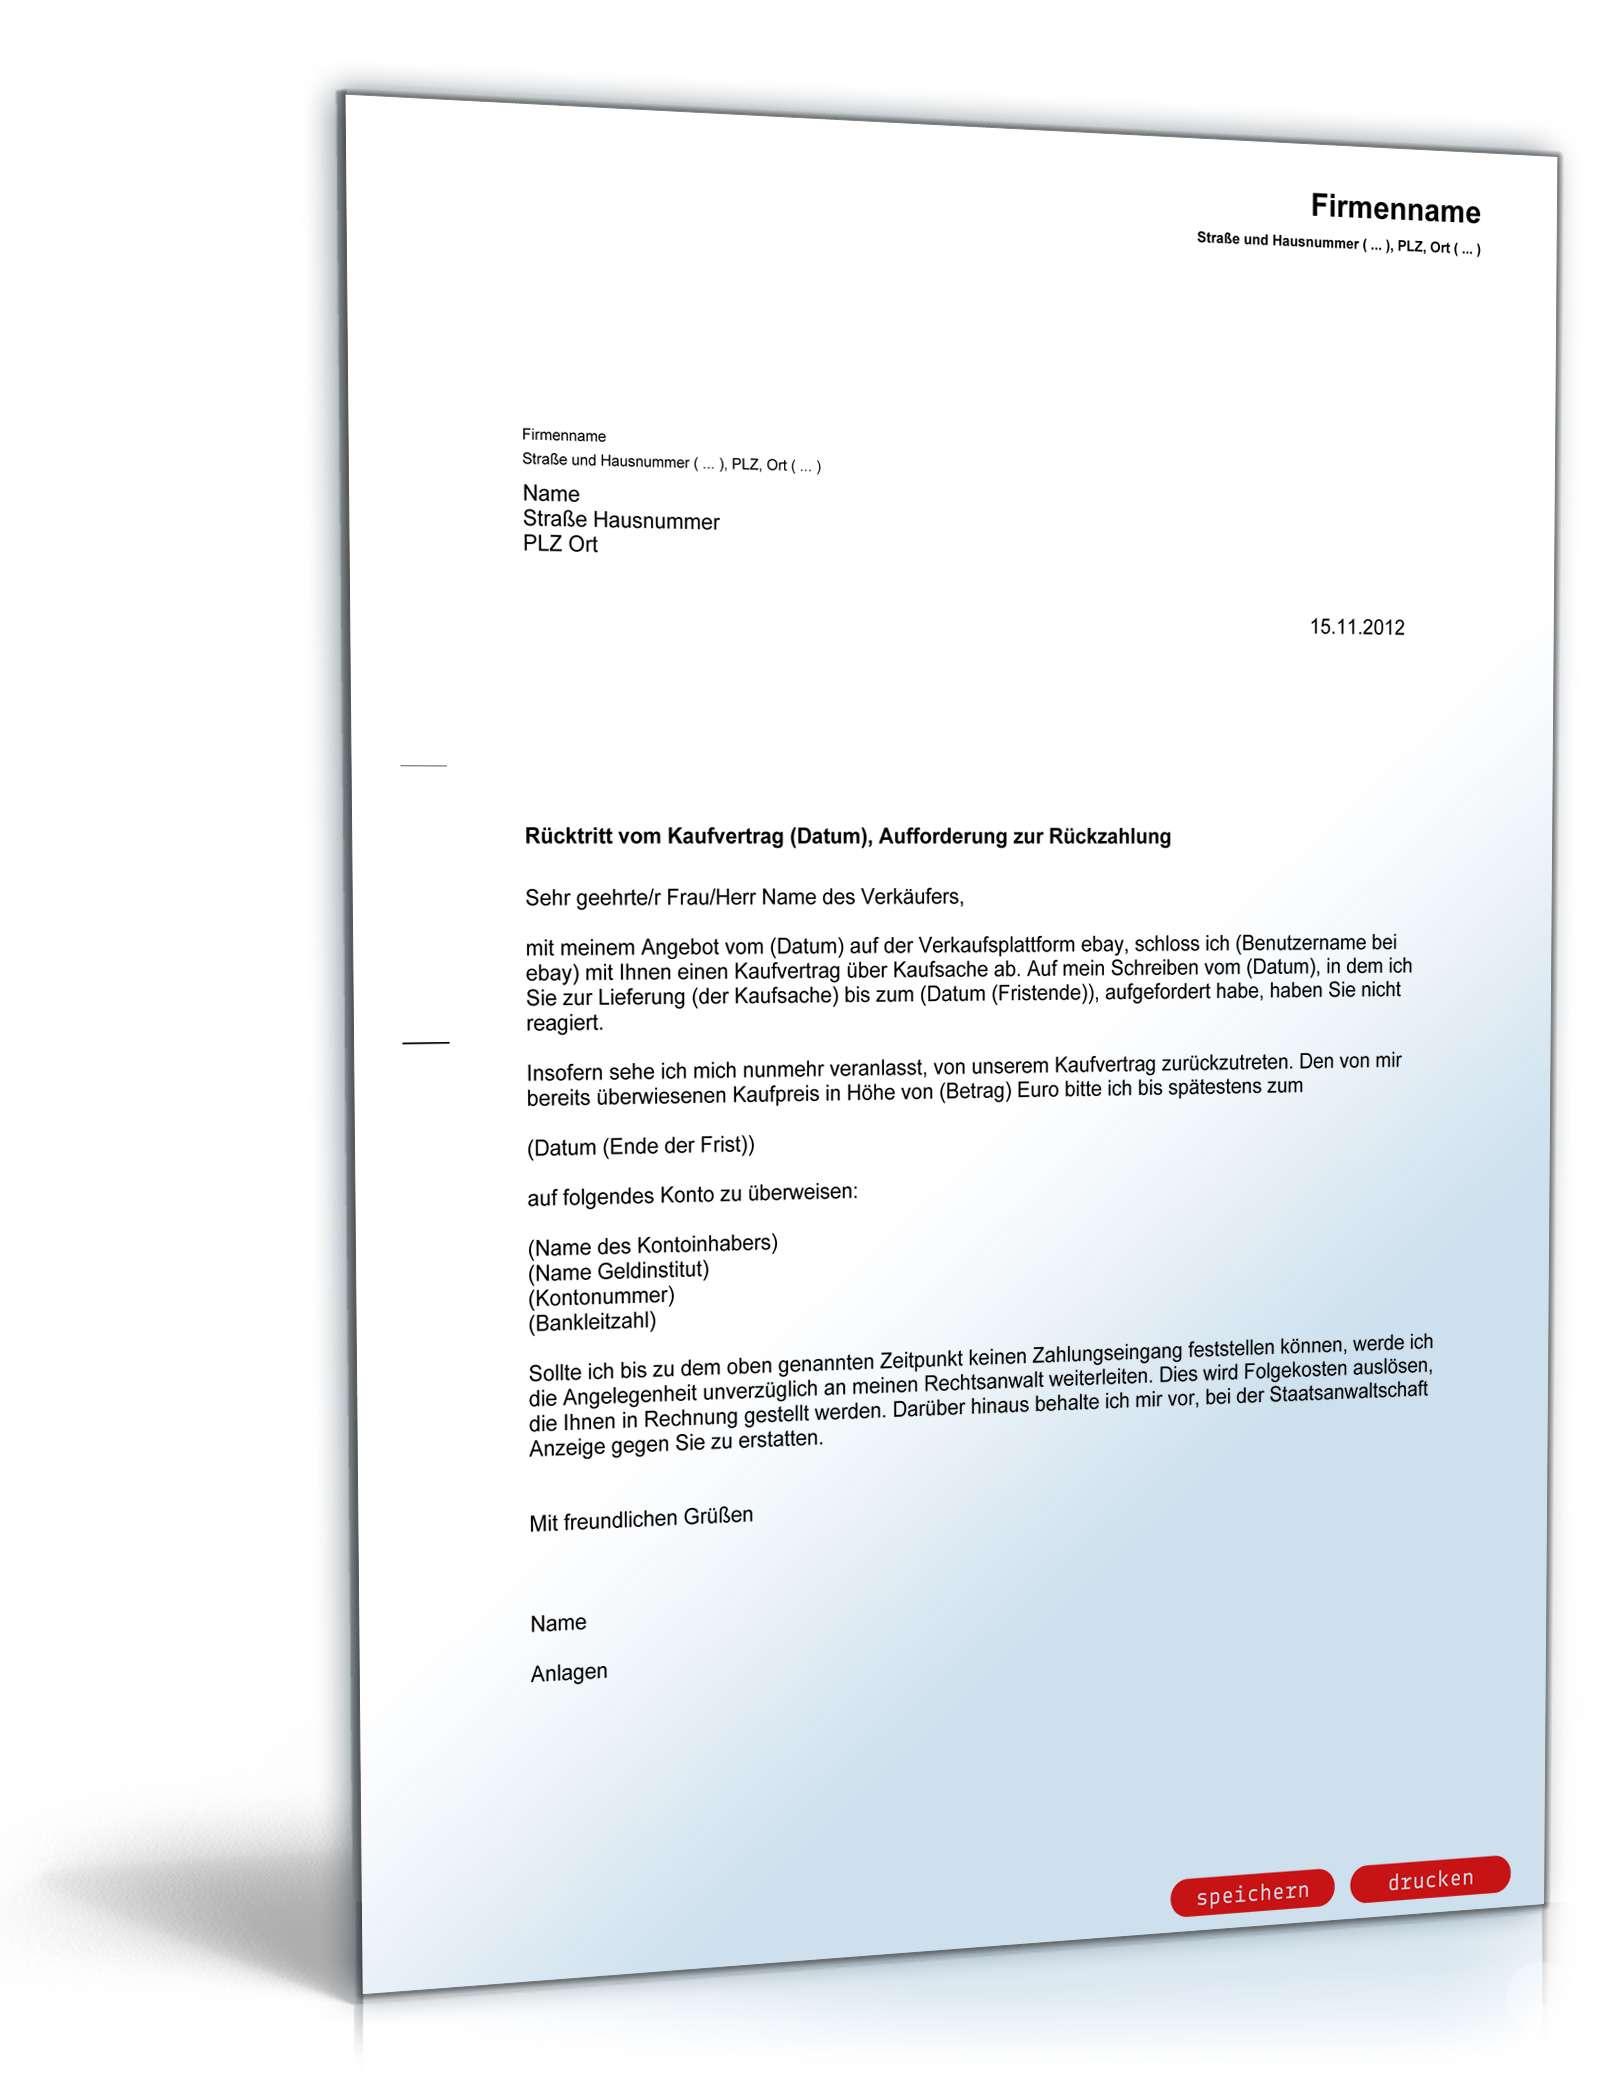 Rücktrittserklärung Aufforderung Kaufpreisrückzahlung